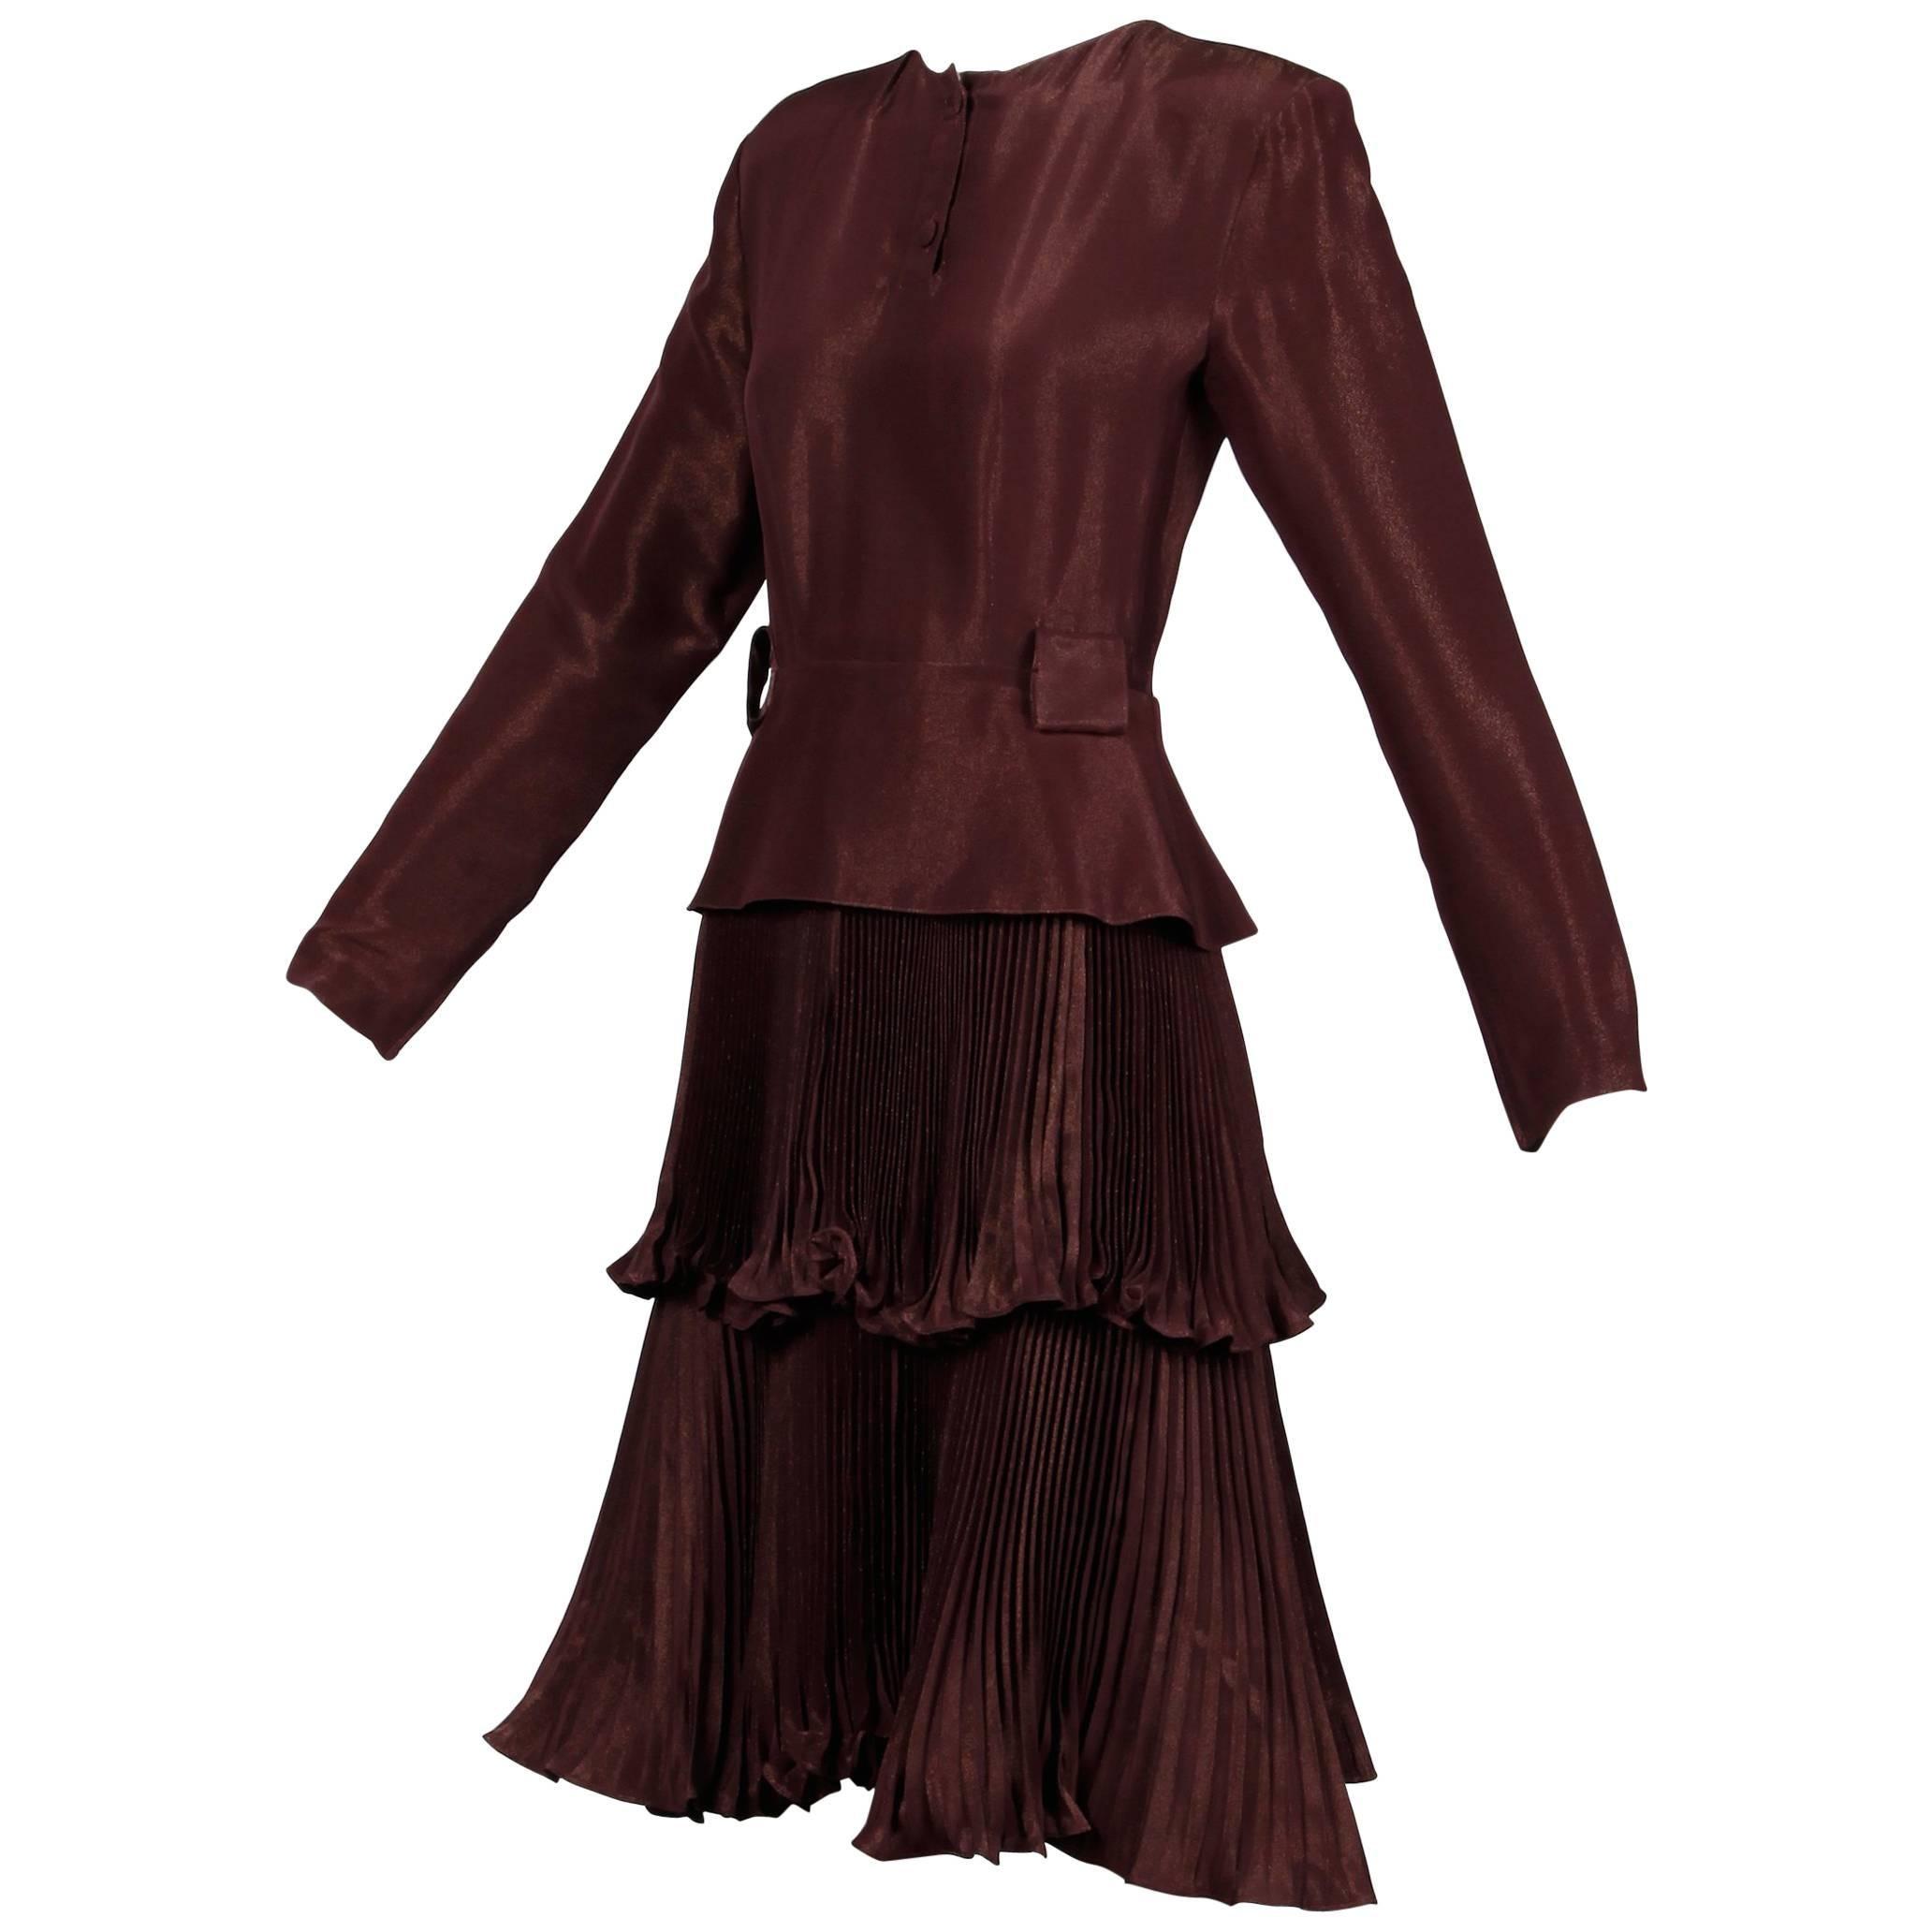 1980s Bernard Perris Vintage Brown Copper Metallic Pleated Dress